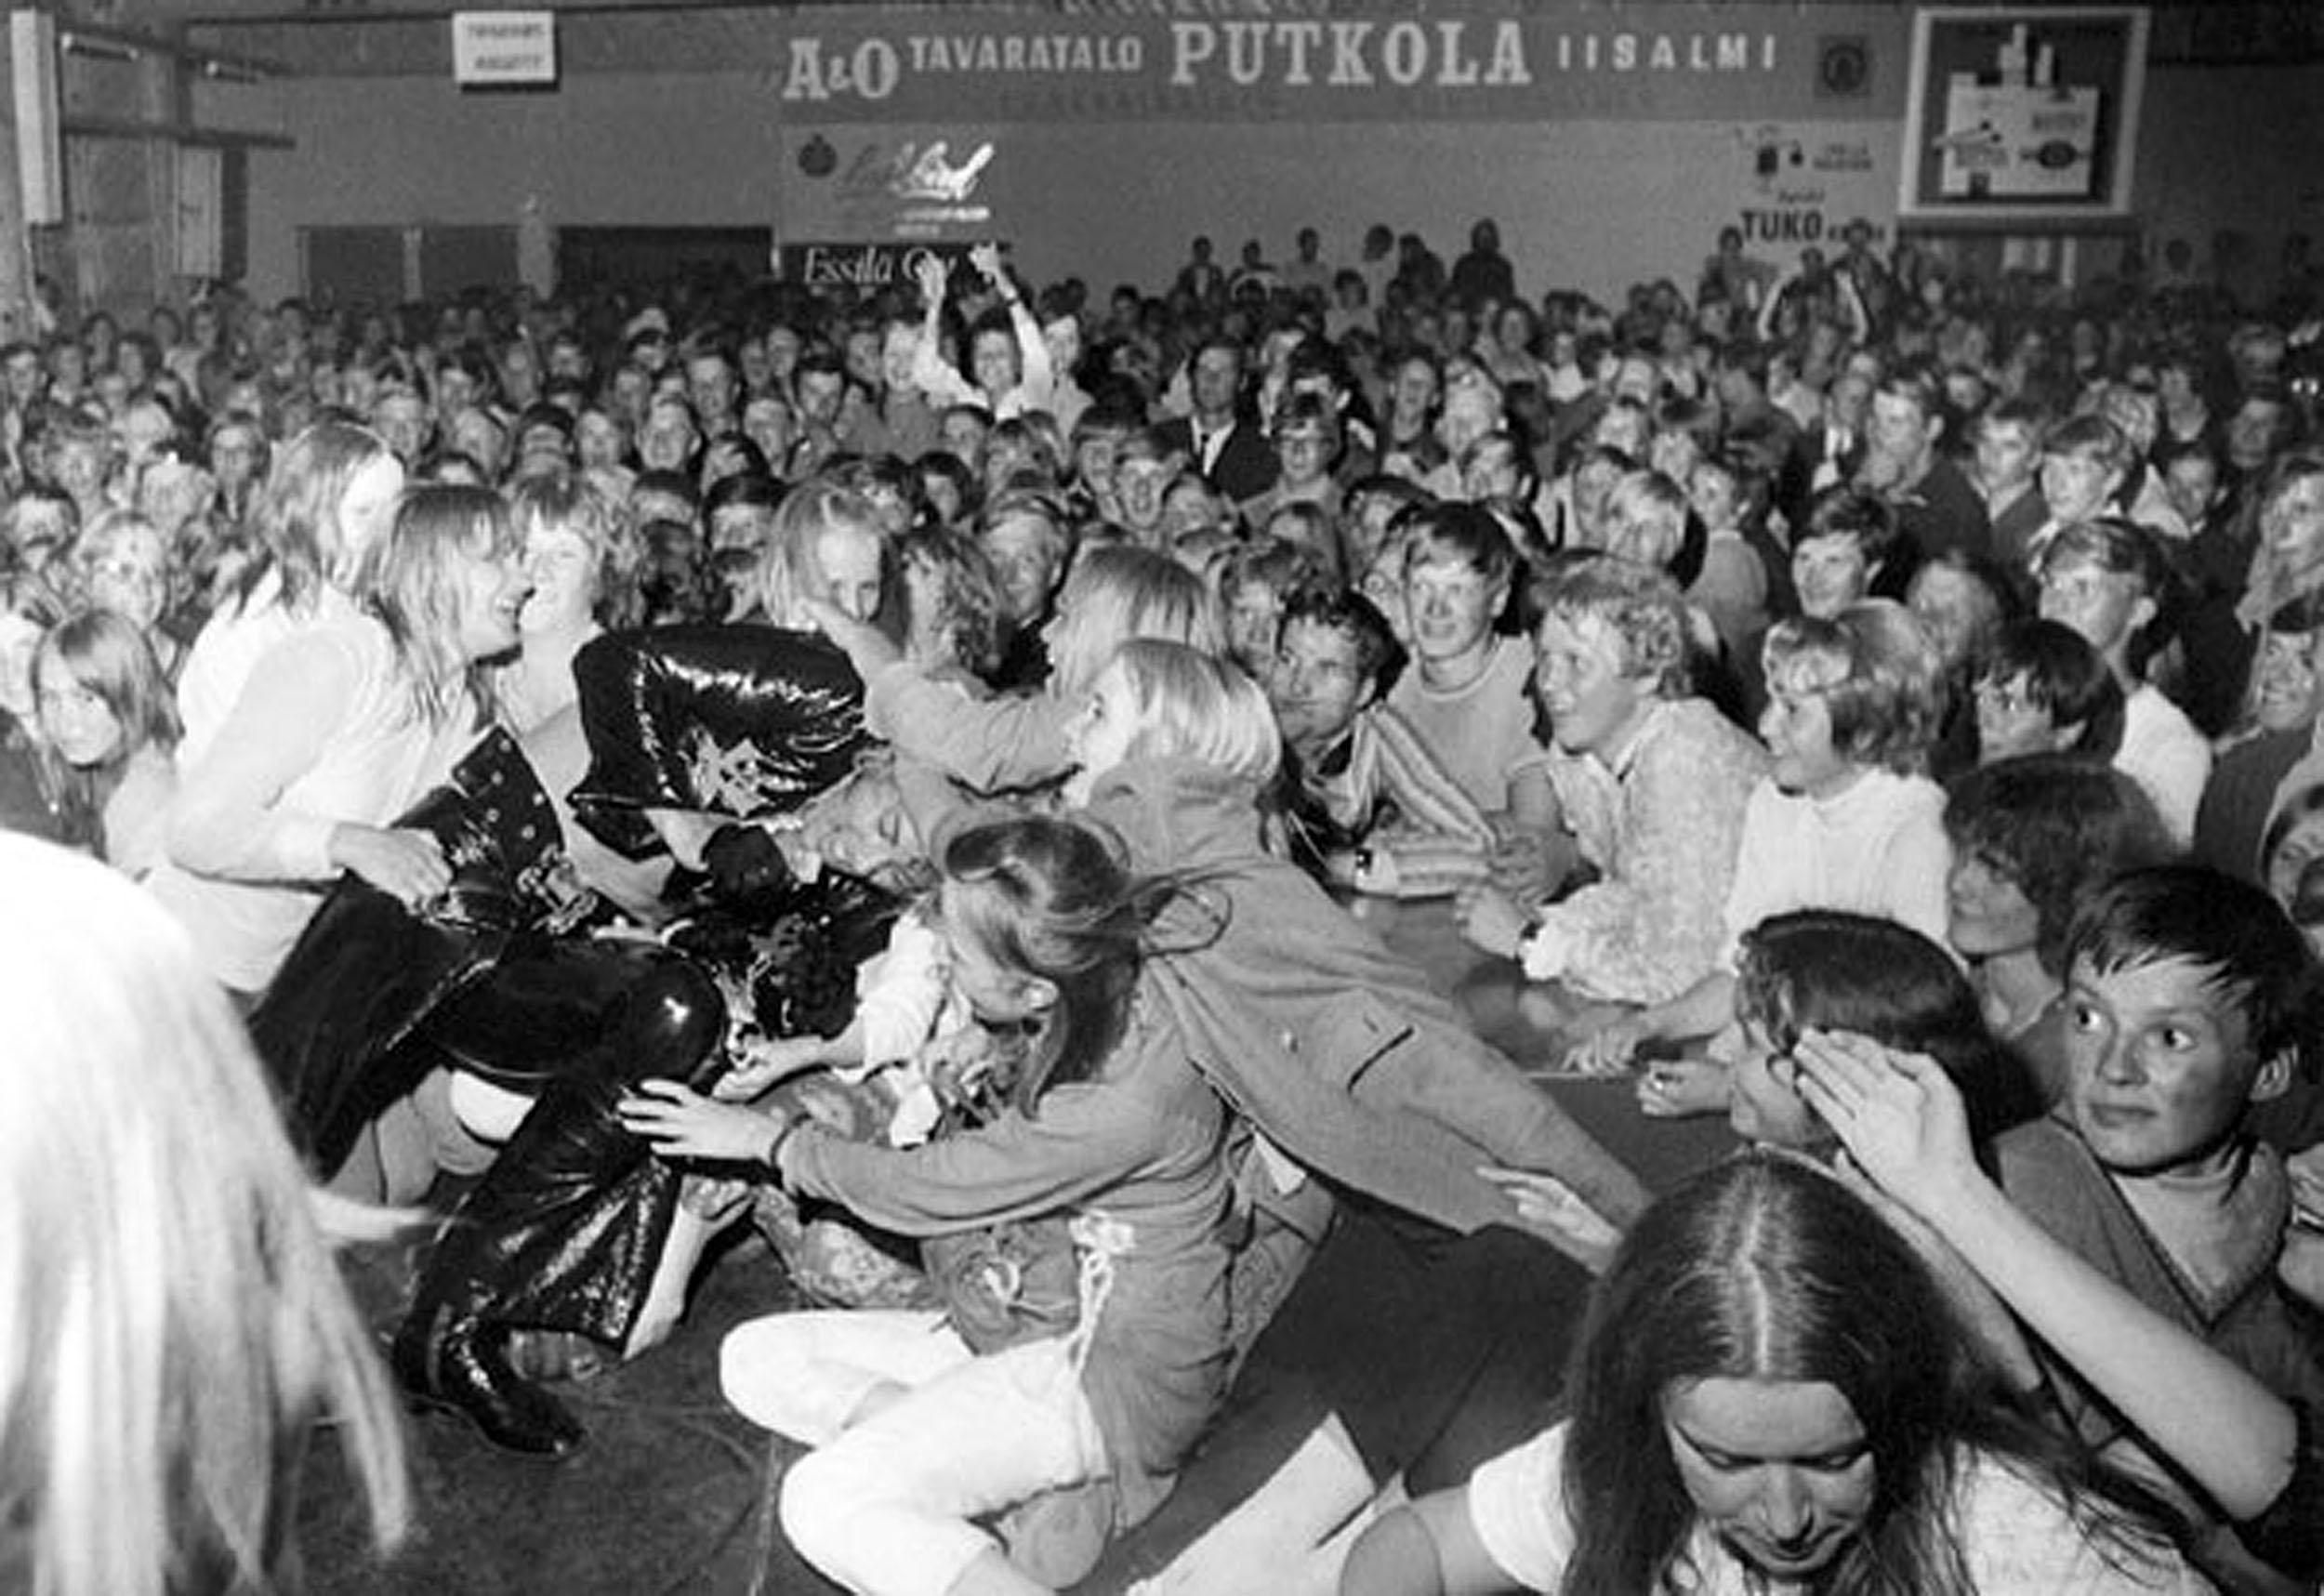 """Danny 70 Systeemi -kesäshow Iisalmen Kyllikinrannassa elokuussa vuonna 1970. Suosikki-lehdessä esitystä ylistettiin """"hurjaksi, villiksi, ennennäkemättömäksi spektaakkeliksi""""."""